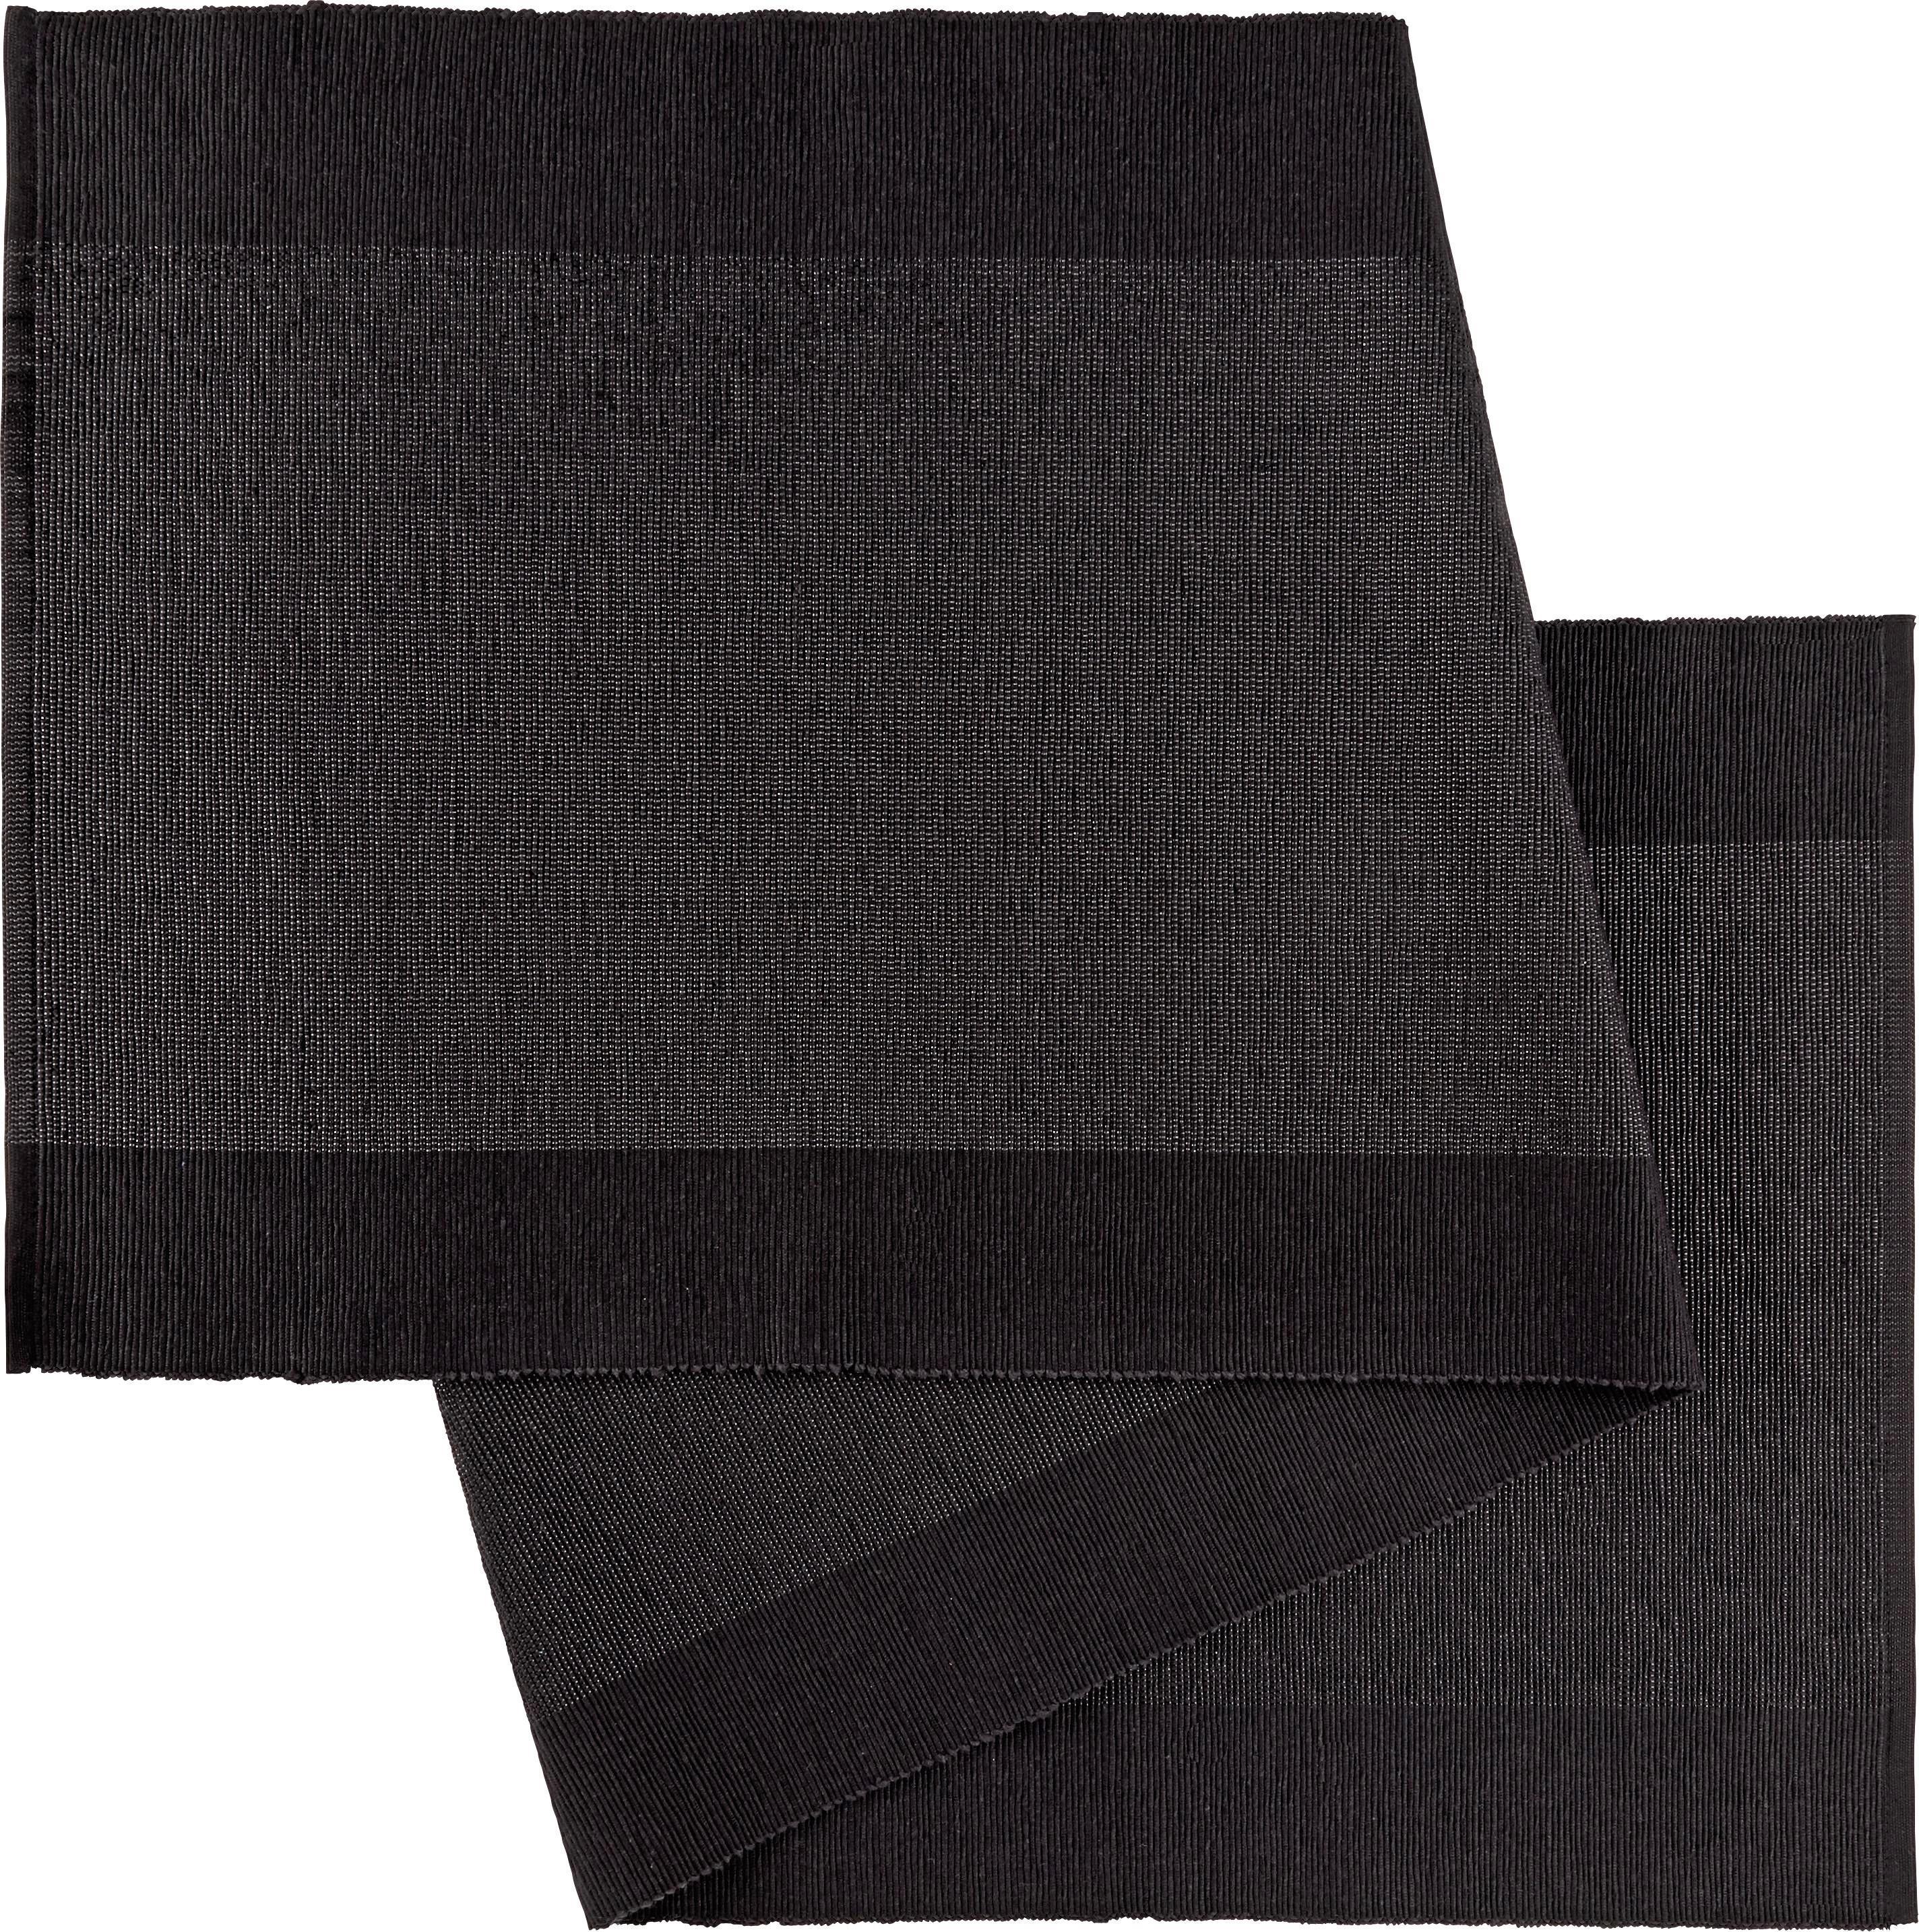 Tischläufer Brando in Schwarz - Schwarz, LIFESTYLE, Textil (45/150cm)